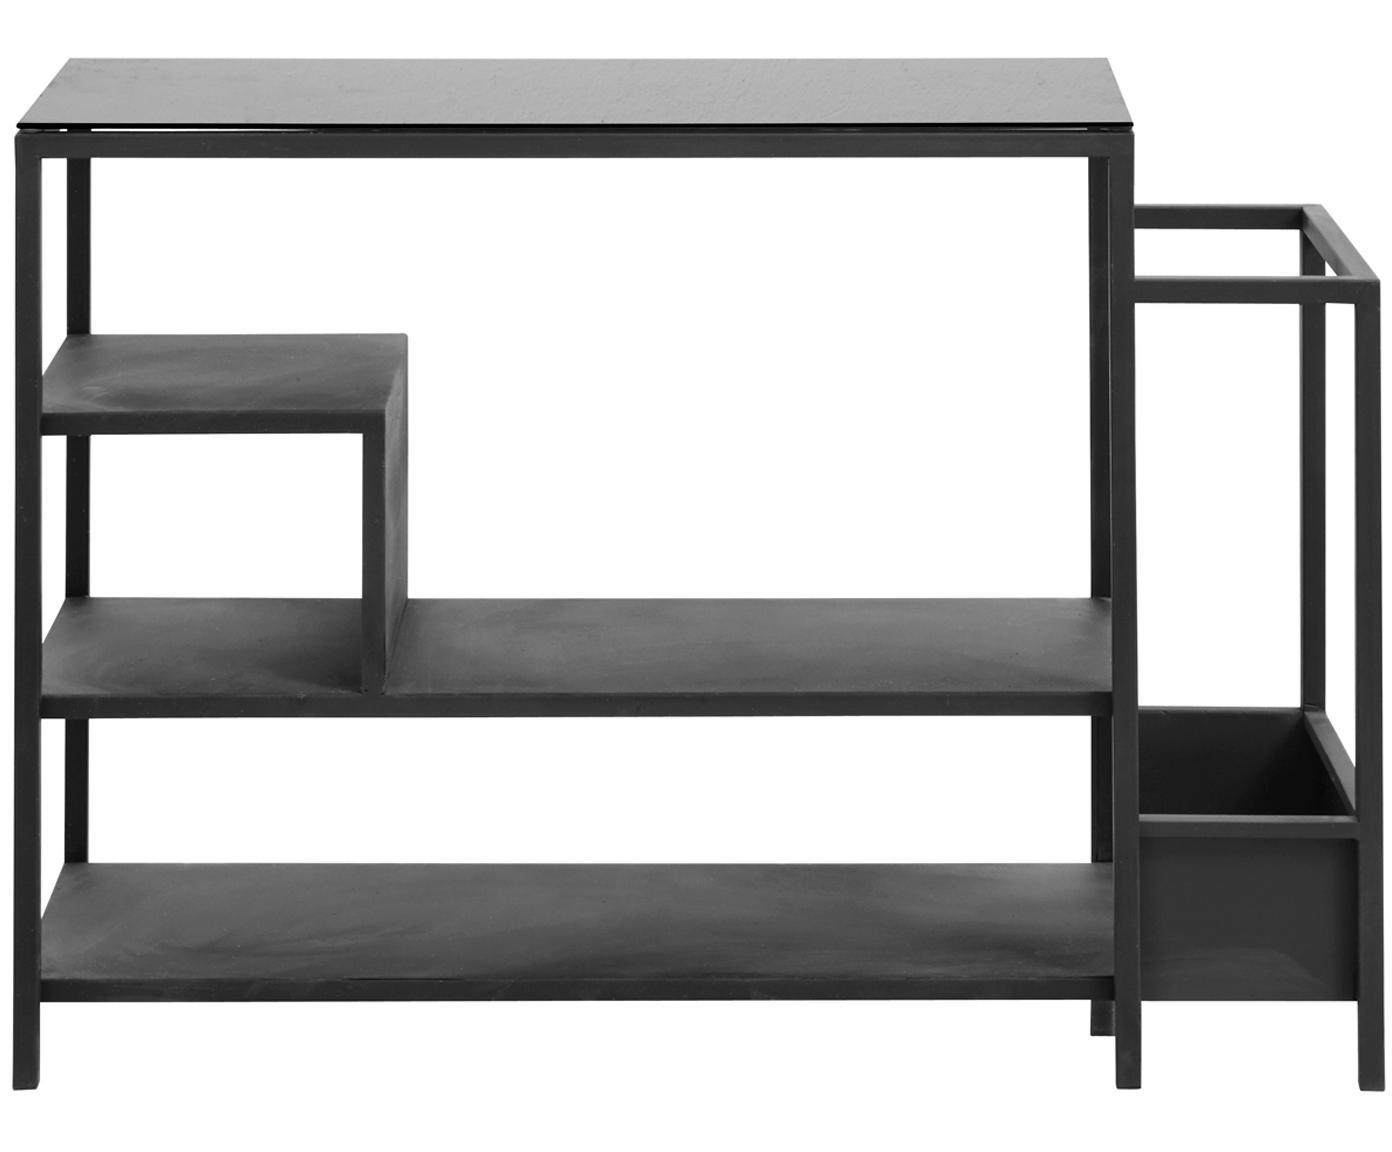 Zapatero con paragüero de metal Bum, Metal con pintura en polvo, Negro, An 85 x Al 59 cm